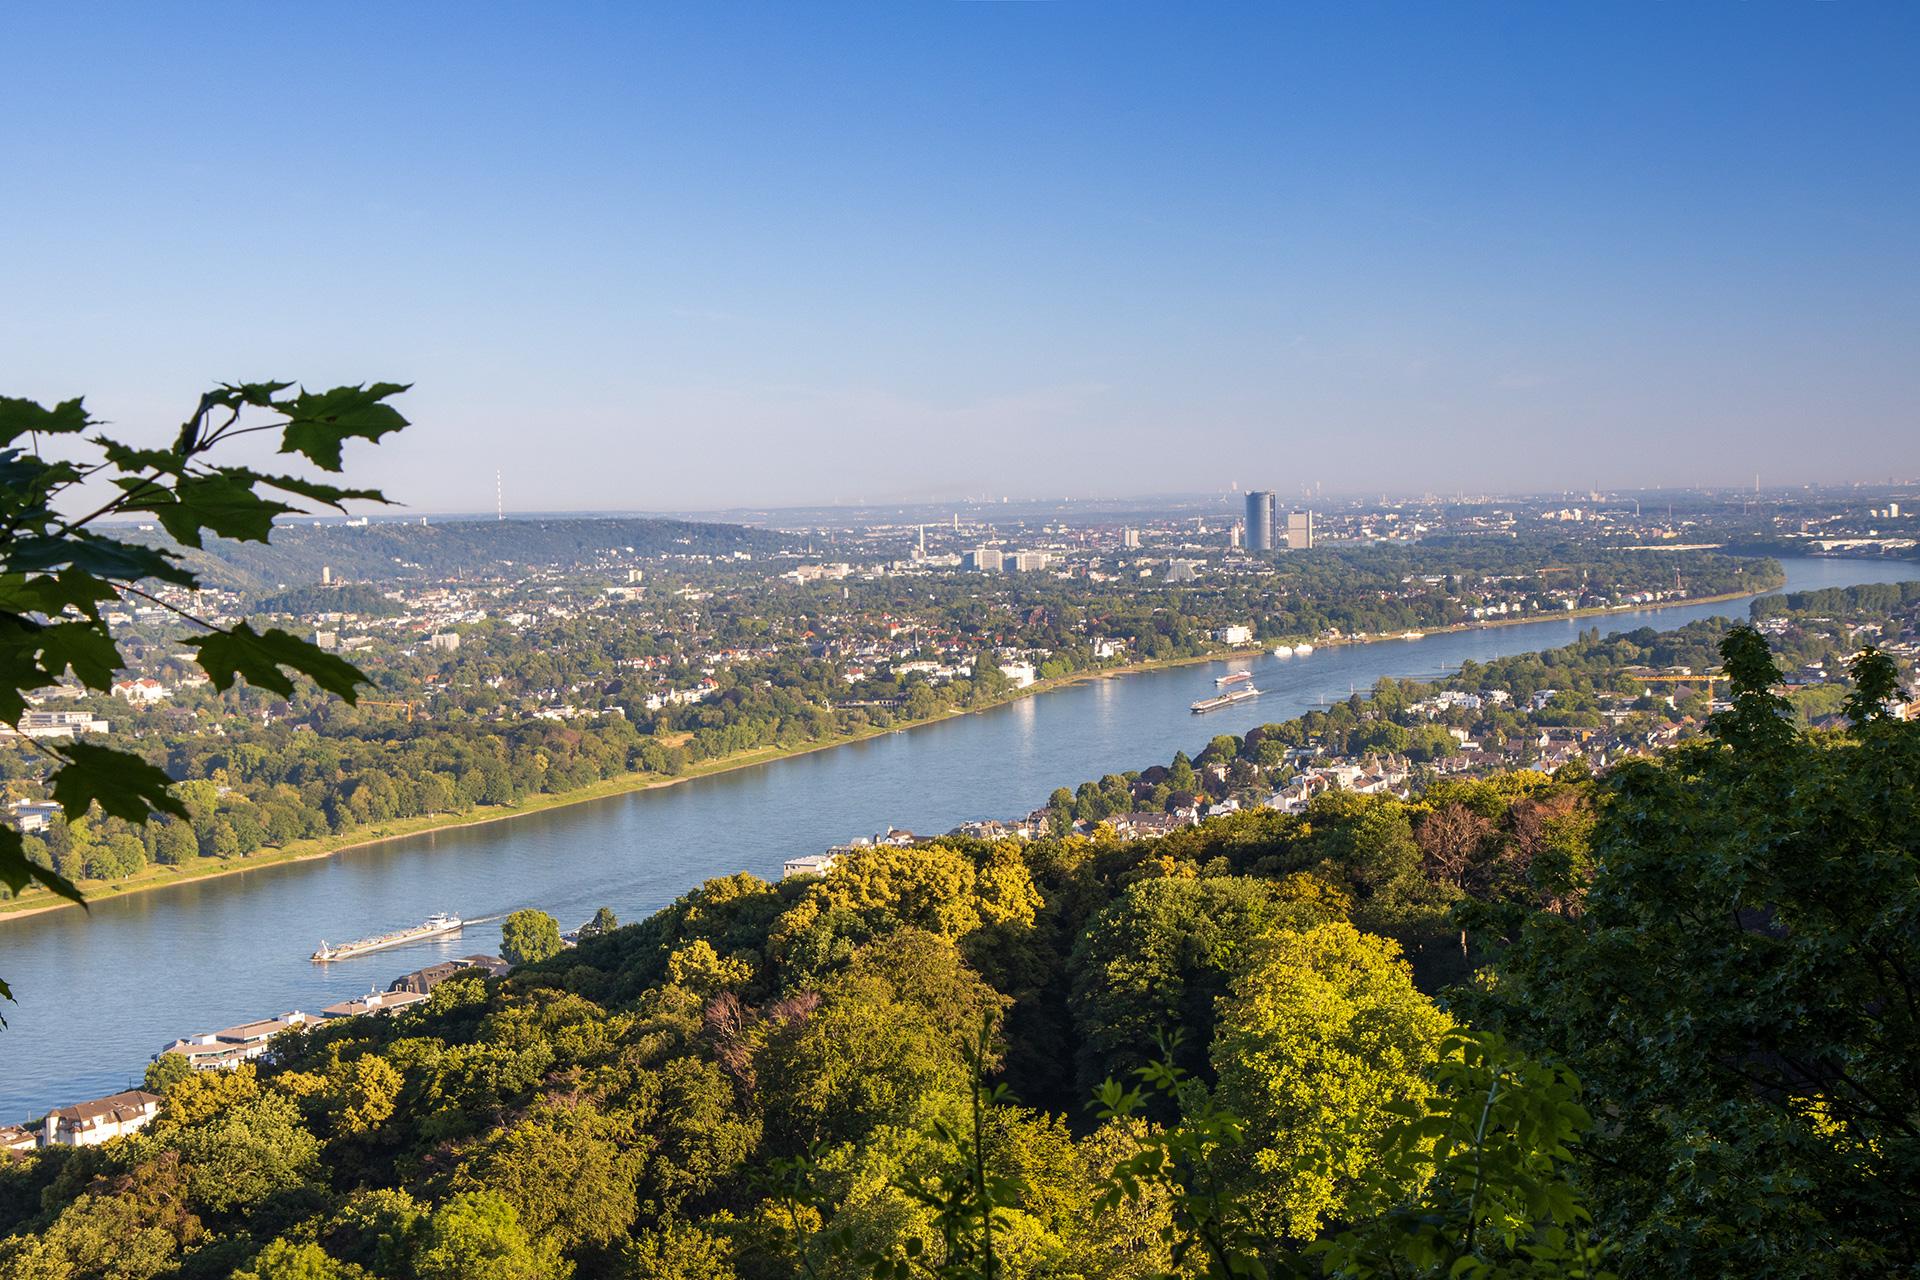 Ausblick auf Bonn. Das Ziel ab jetzt immer vor Augen.